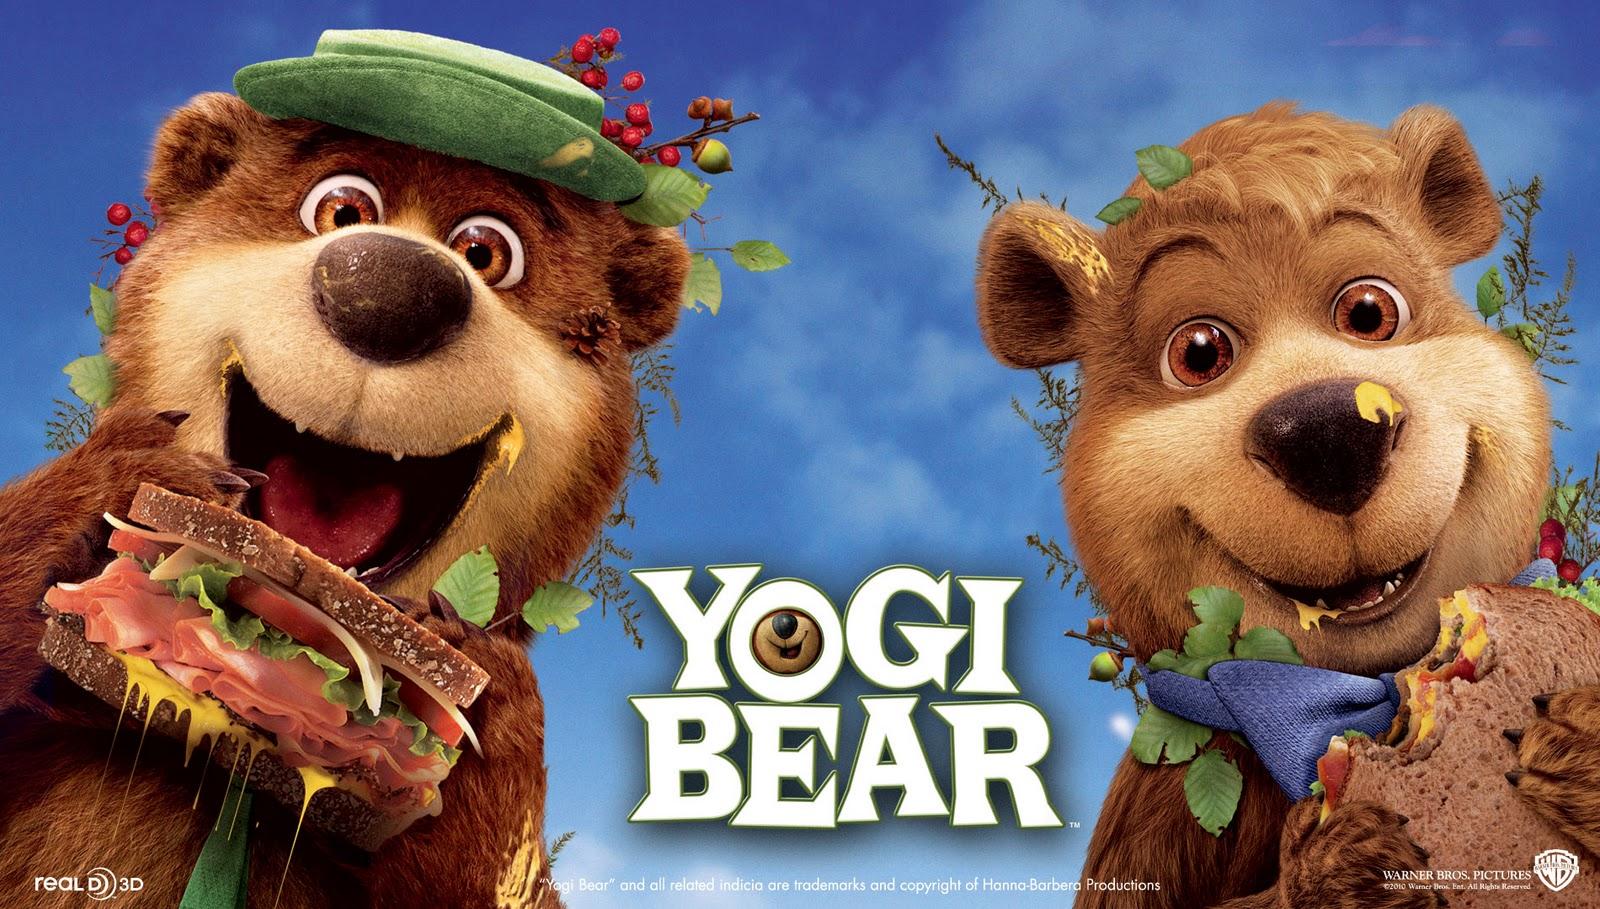 http://3.bp.blogspot.com/_7ub7OOBg4Xc/TU1px7yejxI/AAAAAAAAAnM/Is-F3Zon94A/s1600/Yogi-Bear-Boo-Boo-Movie-Wallpaper-2.jpg